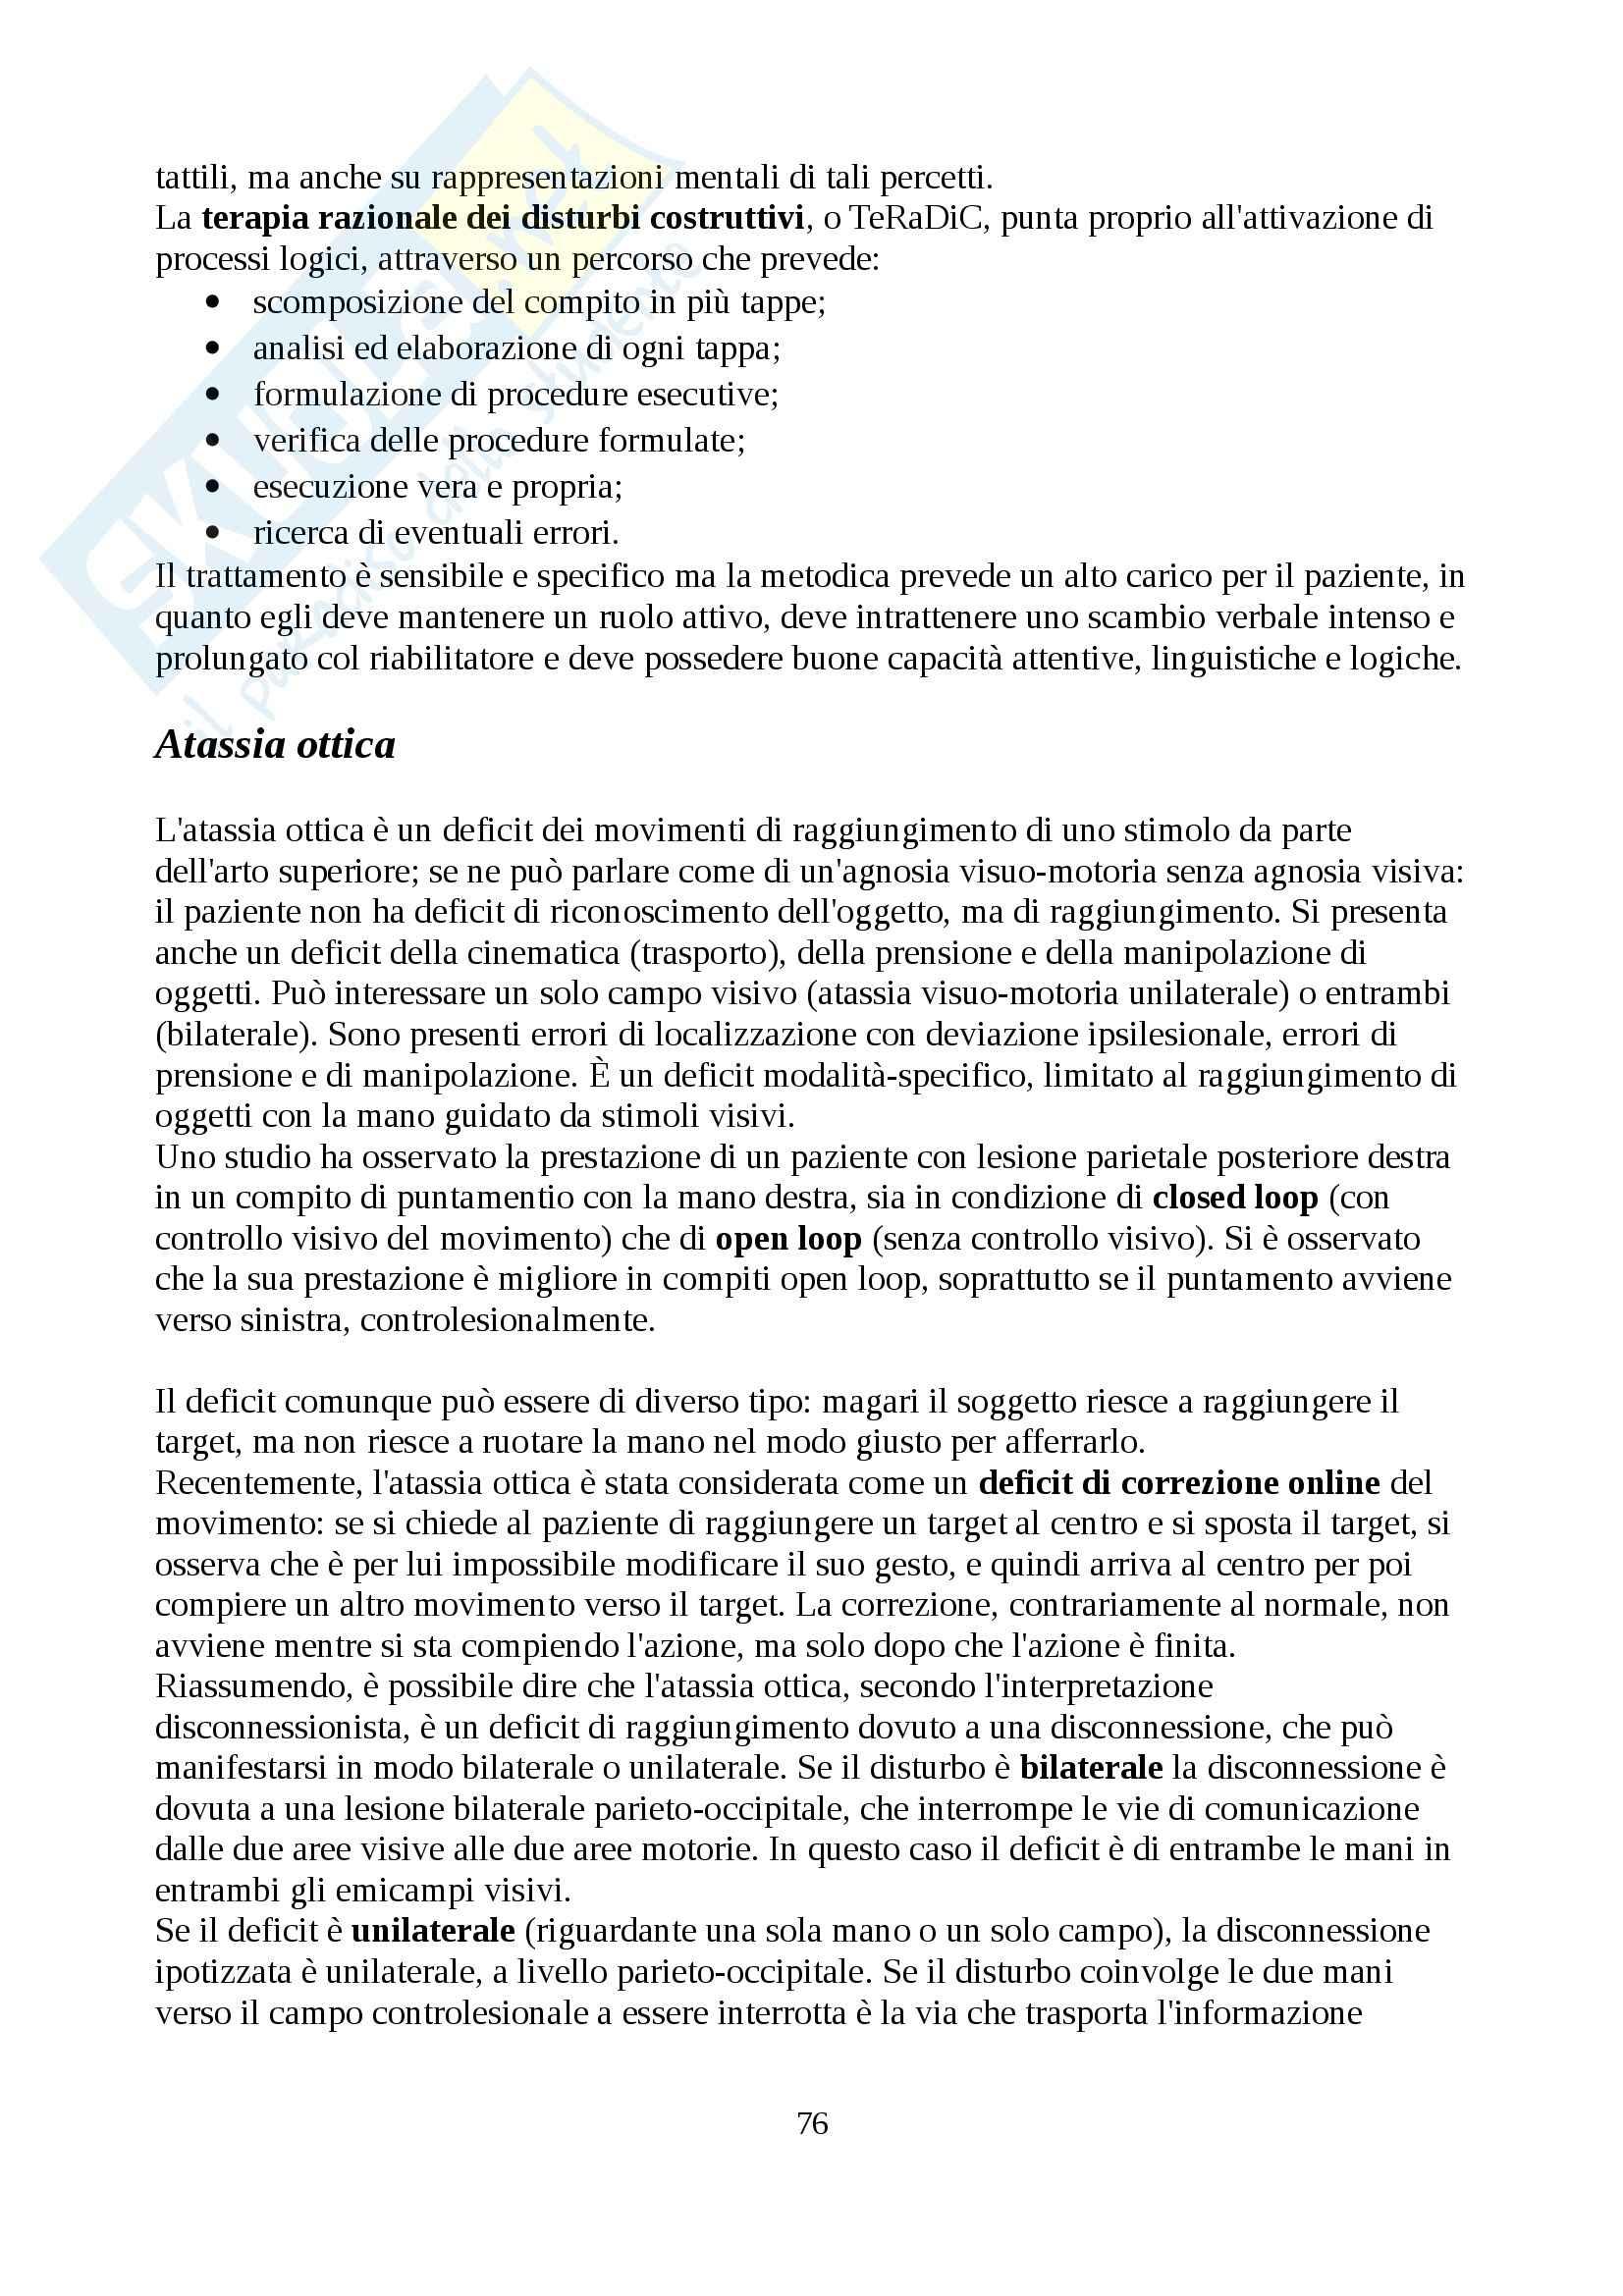 Lezioni, Neuropsicologia Pag. 76